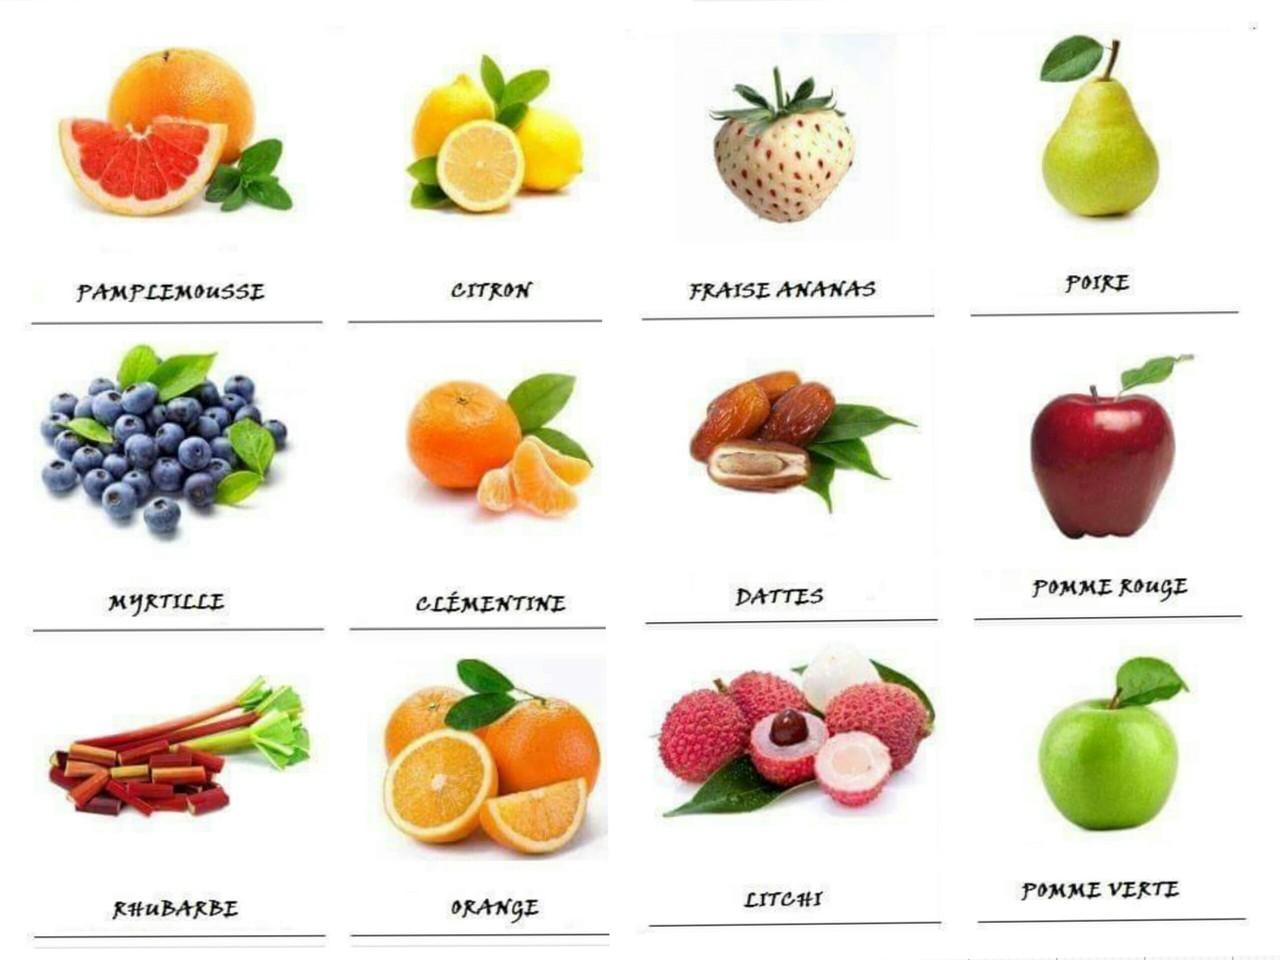 Vamos aprender franc s frutas 4 as nossas voltas for Lista de comida en frances